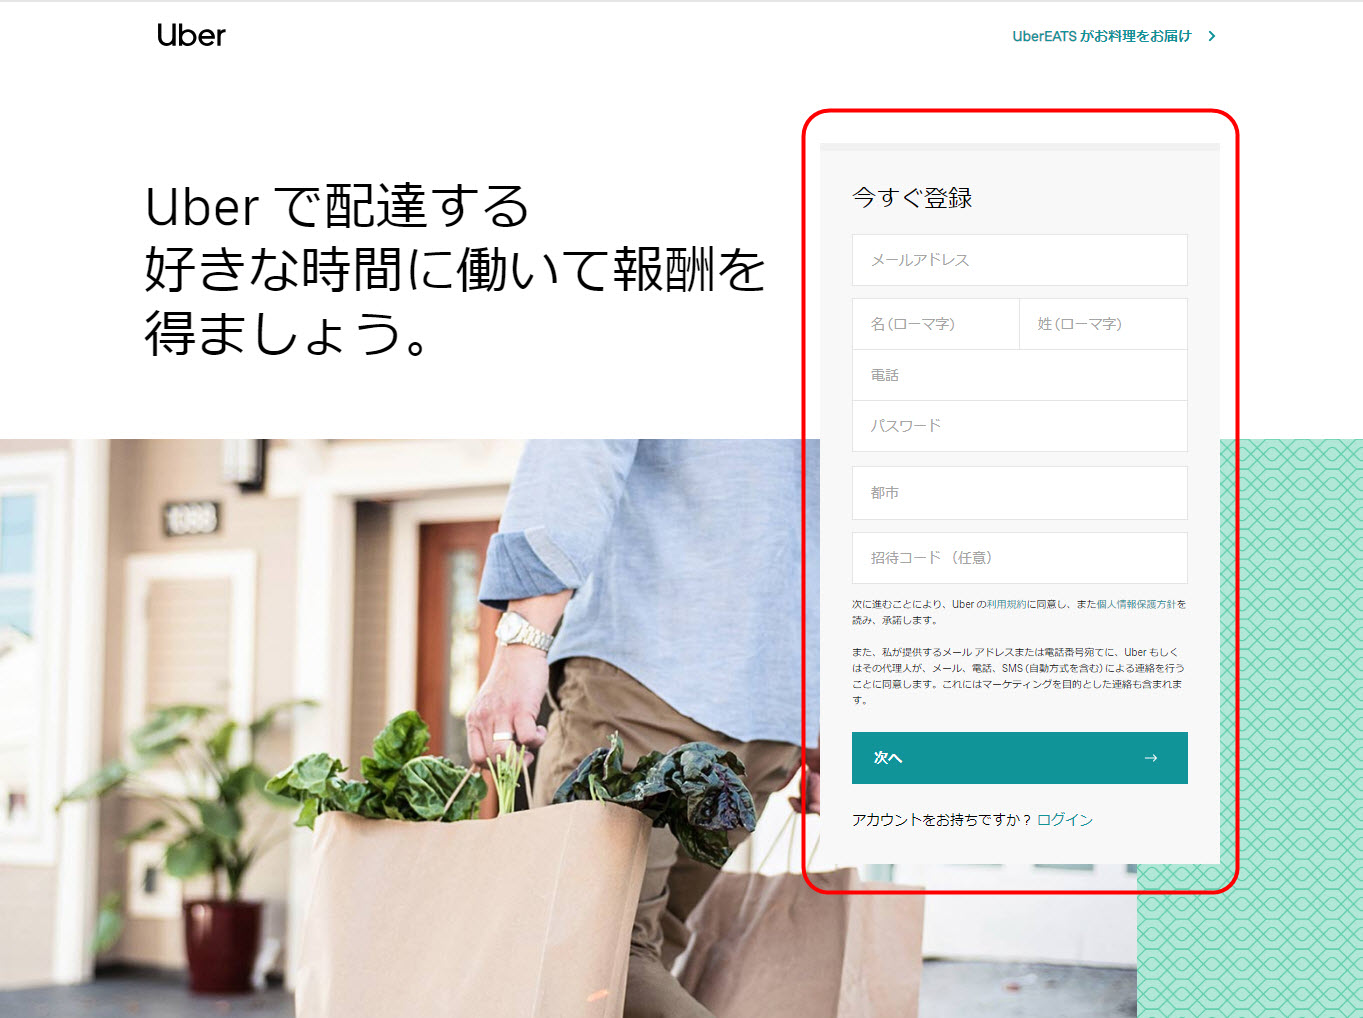 ウーバーイーツ 小金井市 登録 東京都 小金井 バイト エリア 始める 登録方法 始め方 配達パートナー 対象地域 範囲外 対応地域 サービスエリア外 UberEats Uber Eats